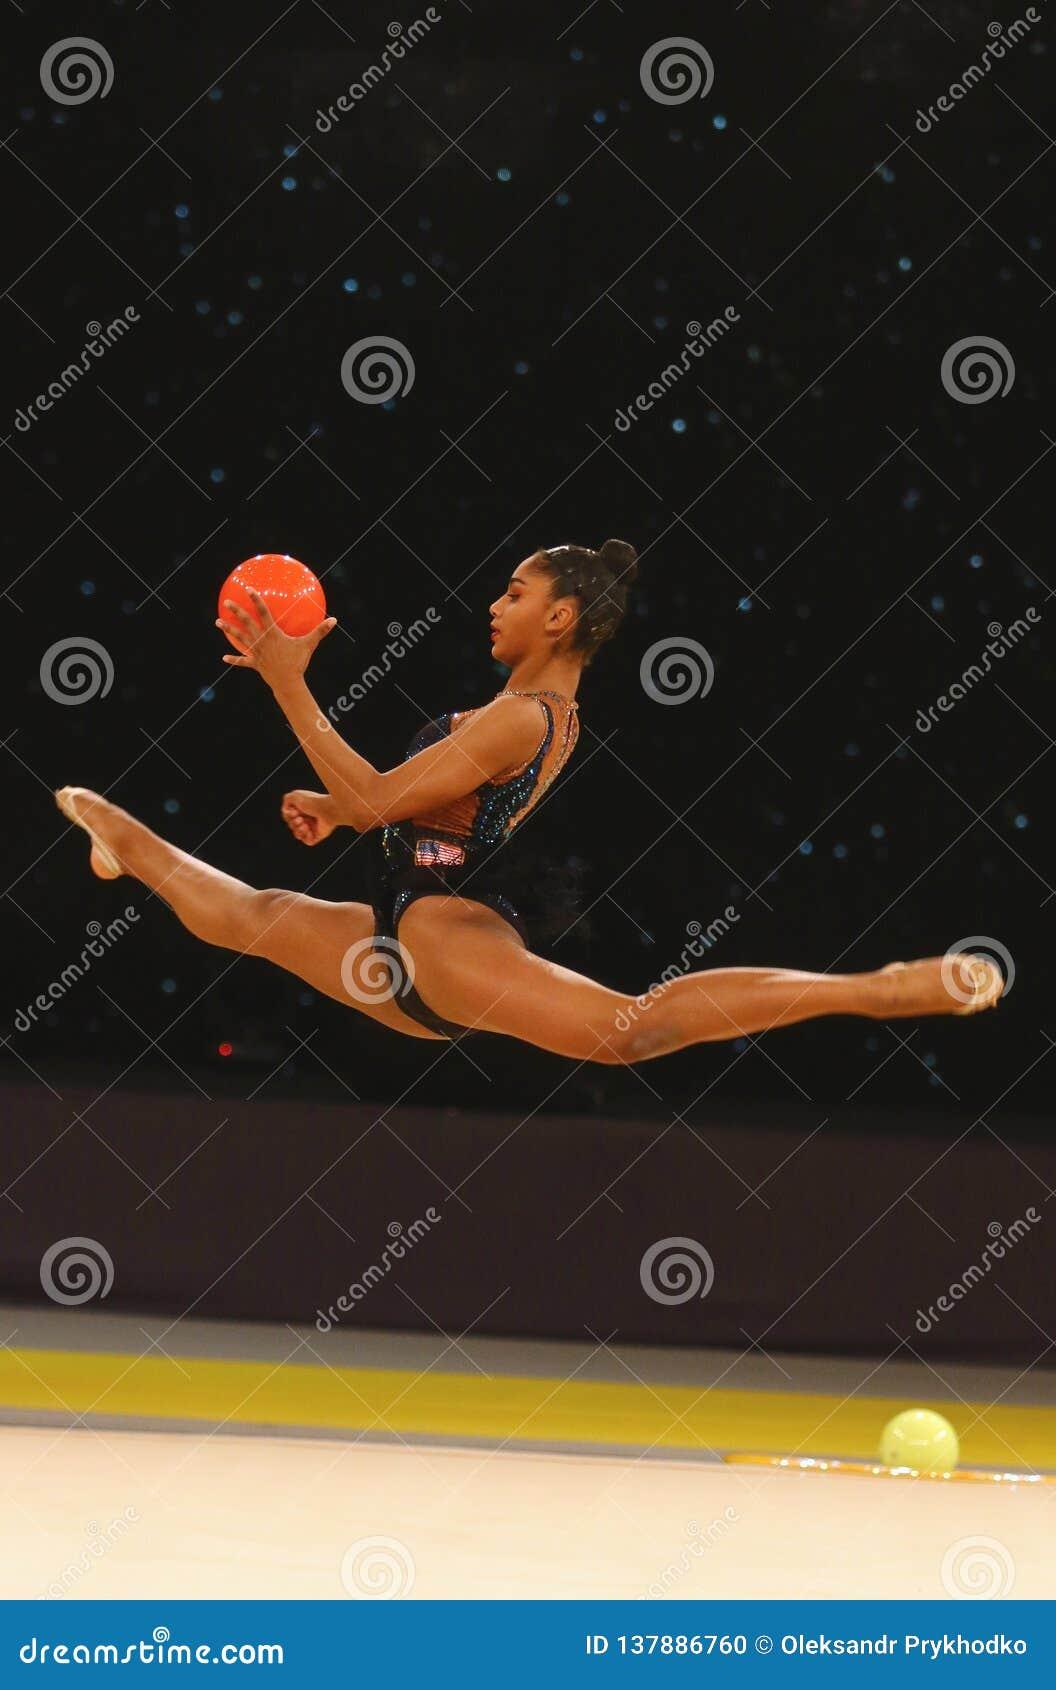 Ρυθμικά Grand Prix γυμναστικής σε Kyiv, Ουκρανία